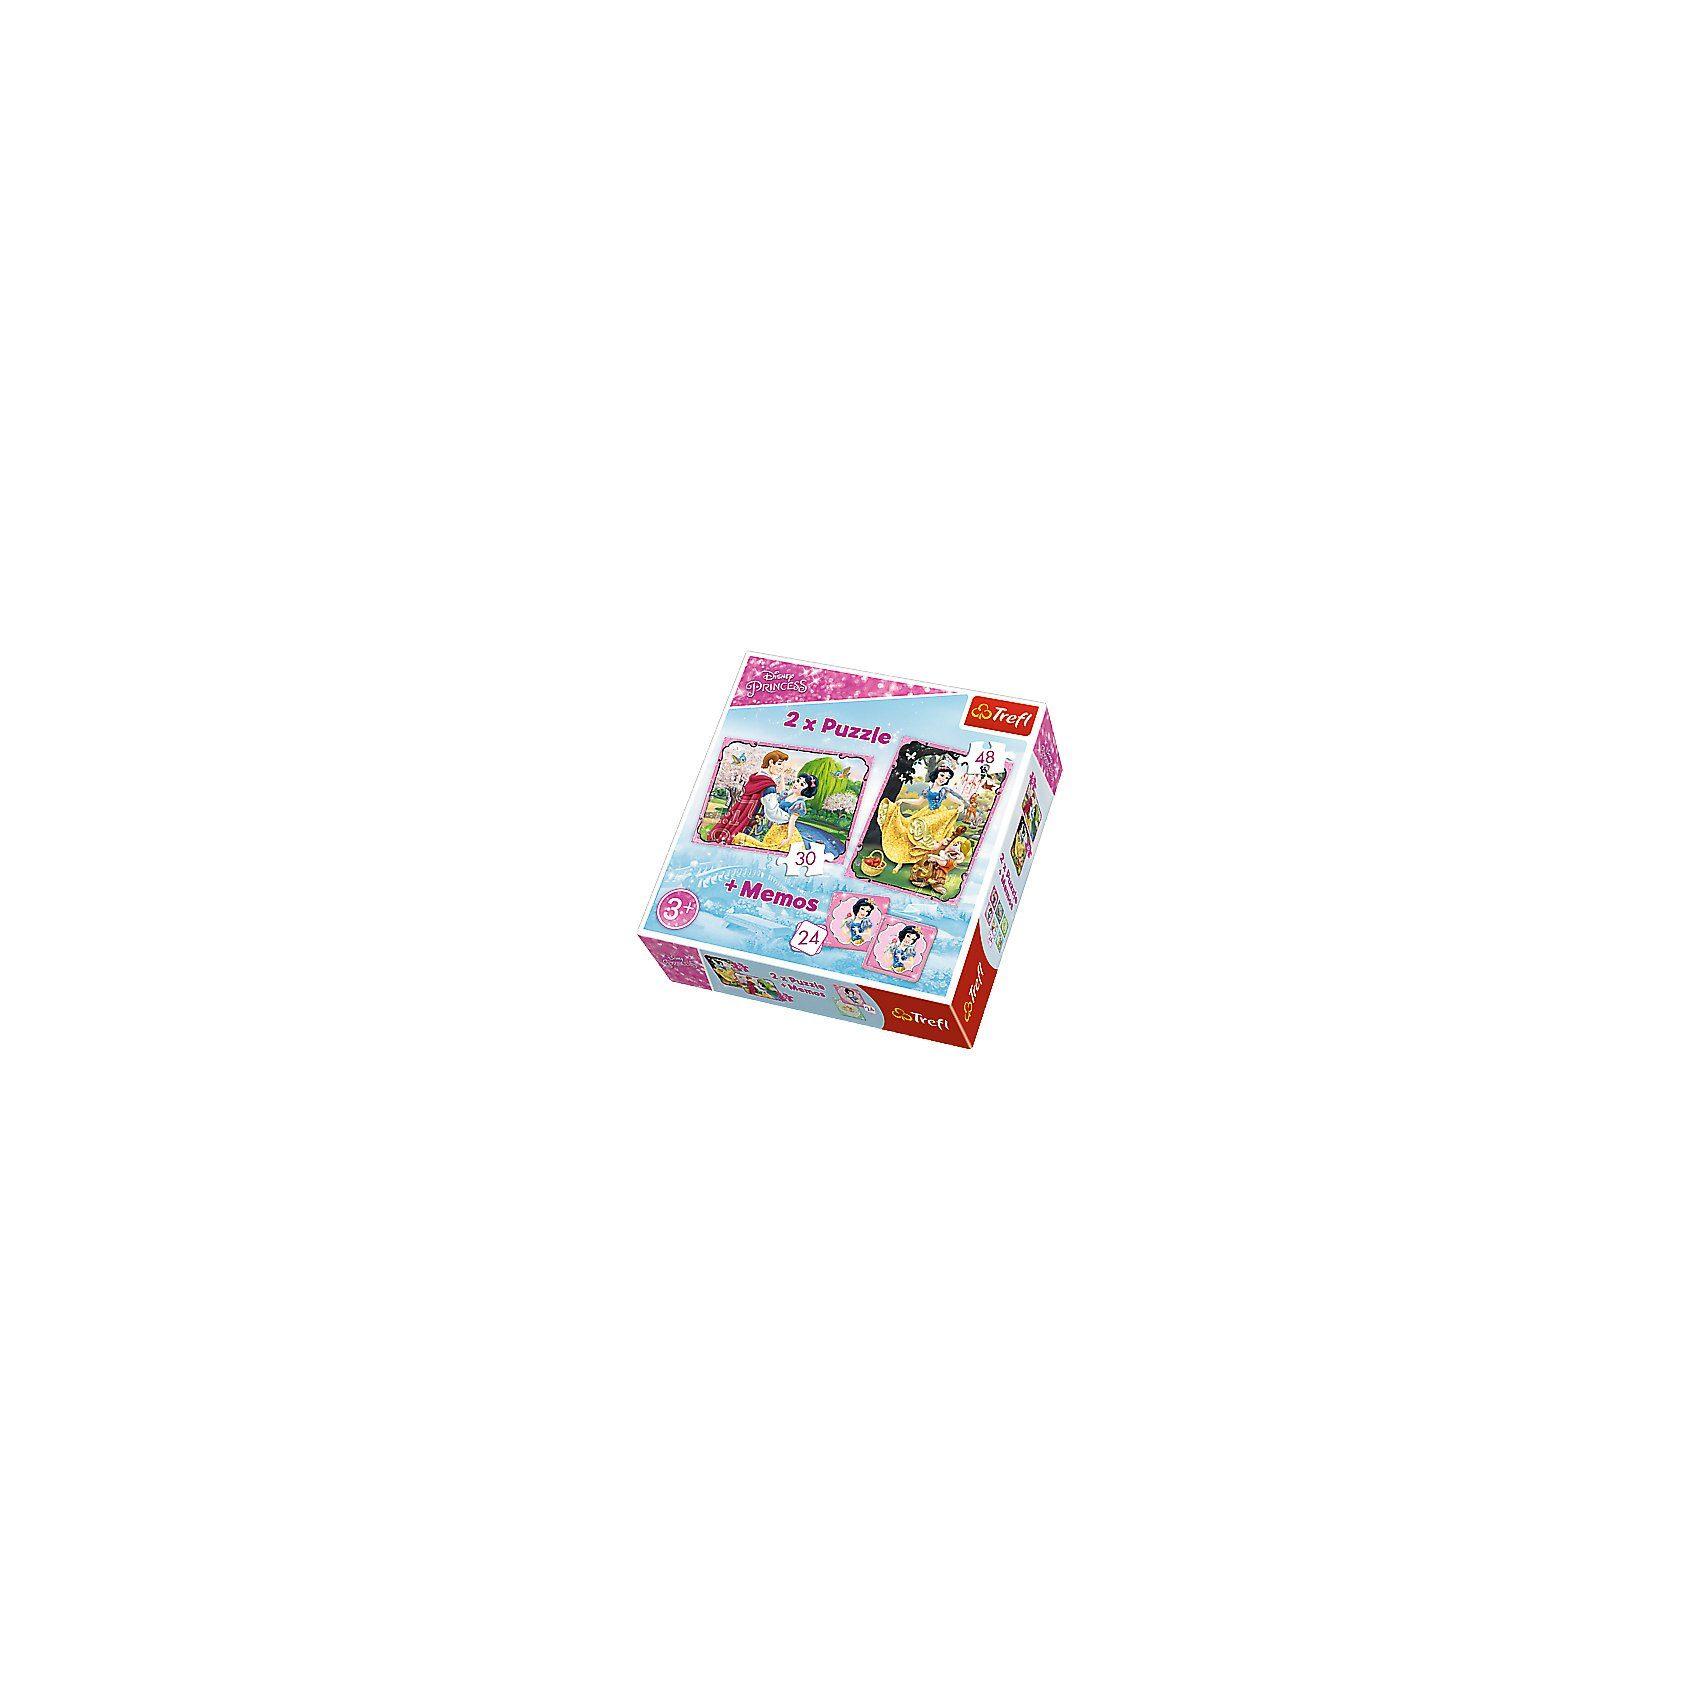 Trefl 2 Puzzles + Memo - Disney Princess Schneewittchen